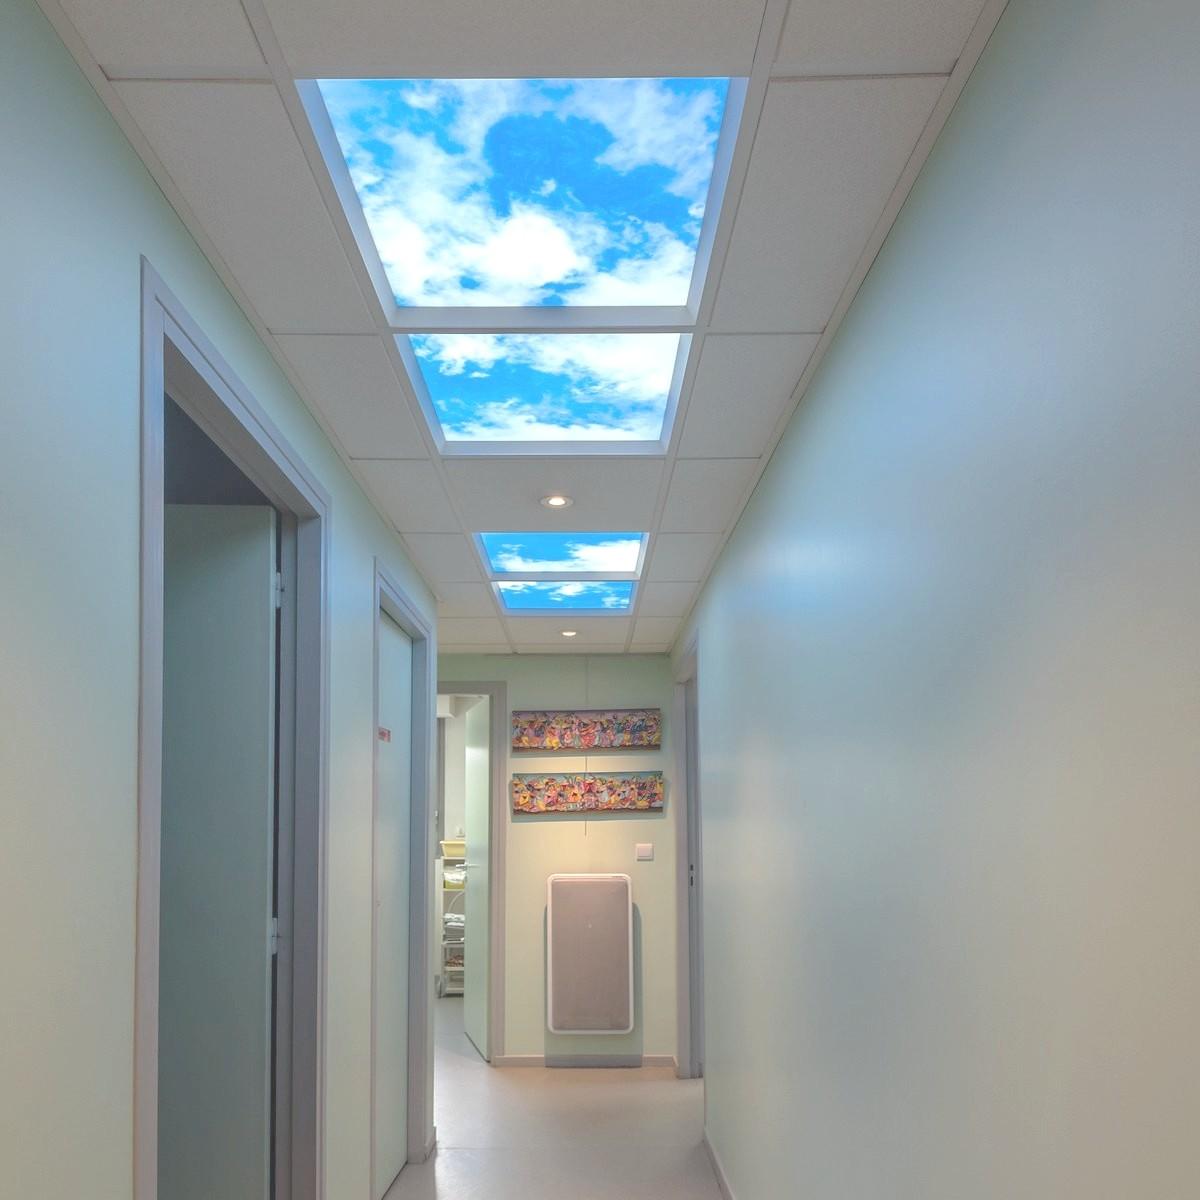 verrière artificielle lumière du ciel plafond lumineux